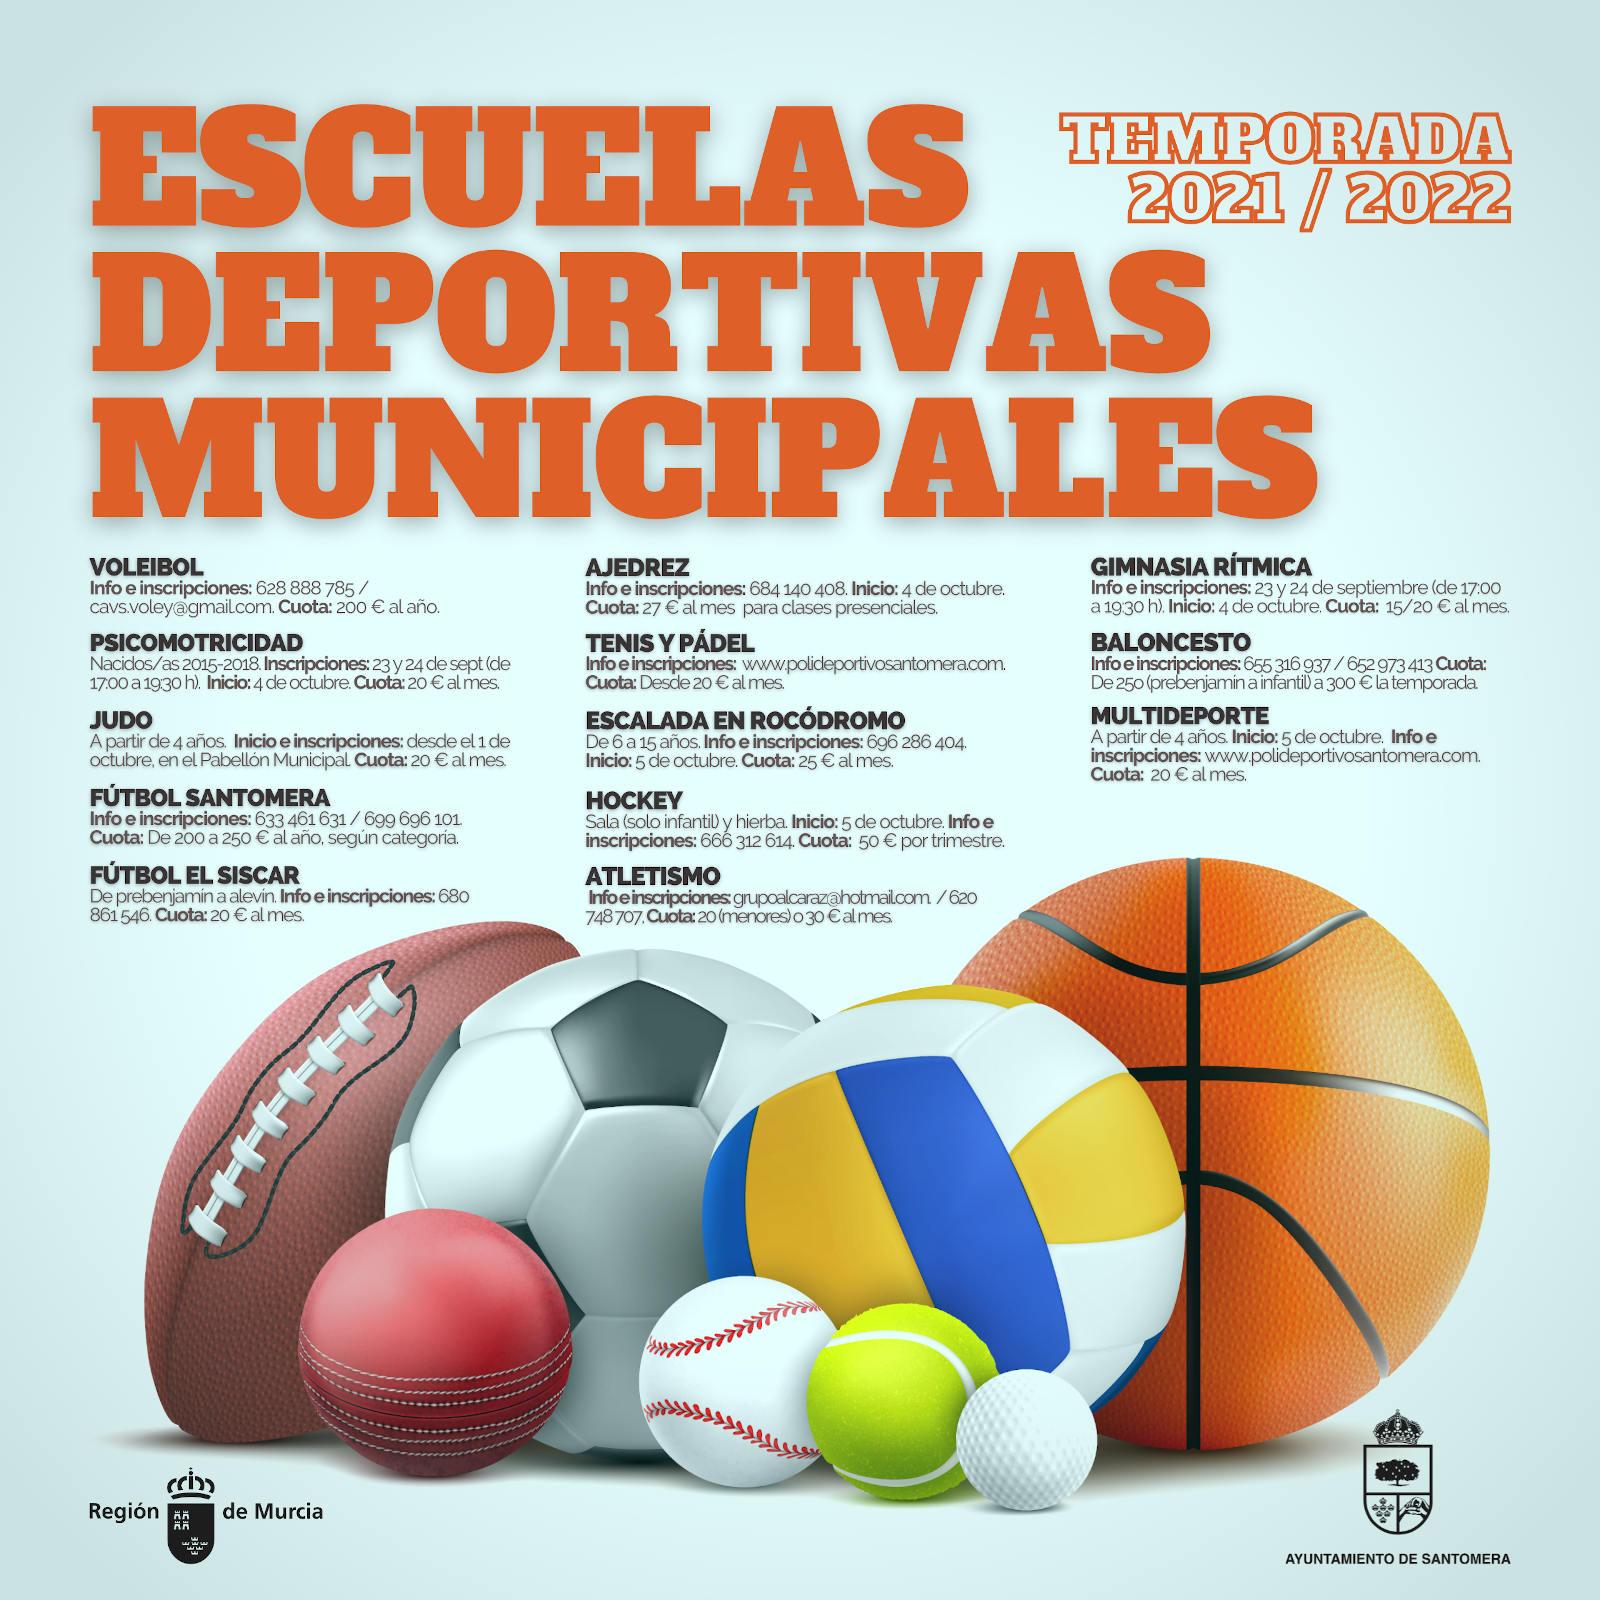 202109_Escuelas deportivas_cuadrado